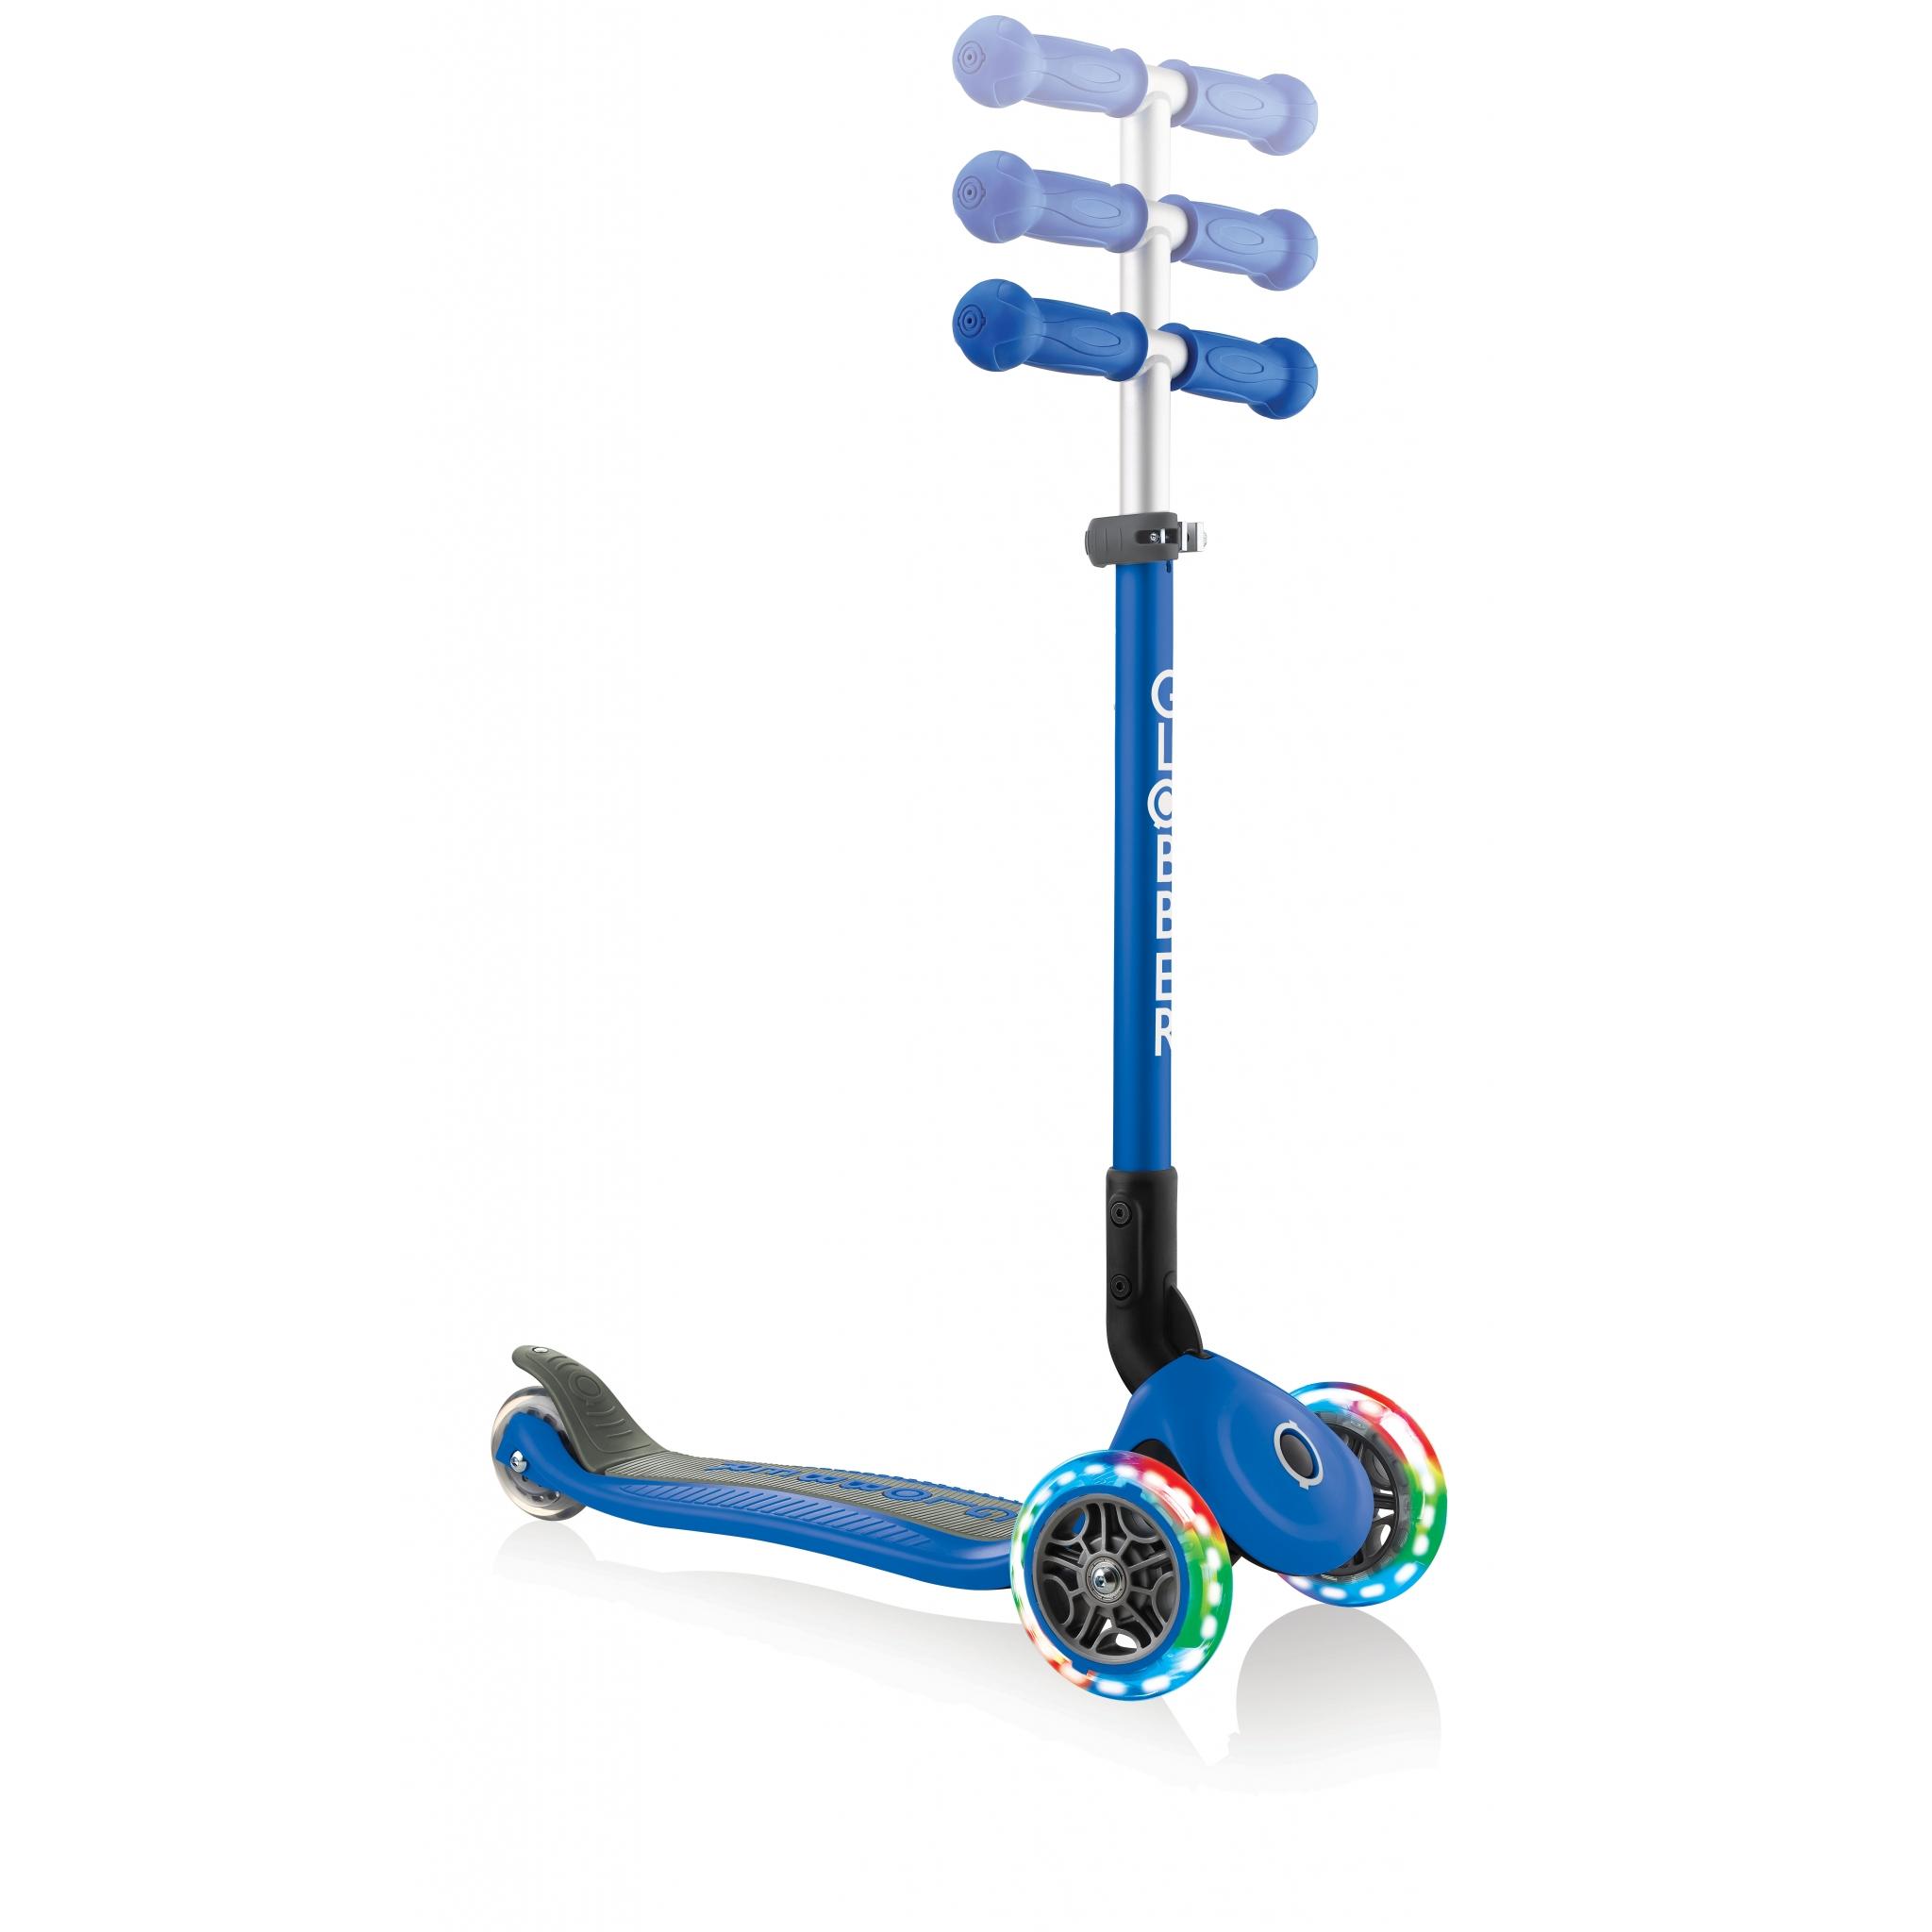 PRIMO-FOLDABLE-LIGHTS-adjustable-scooter-for-kids-navy-blue 5